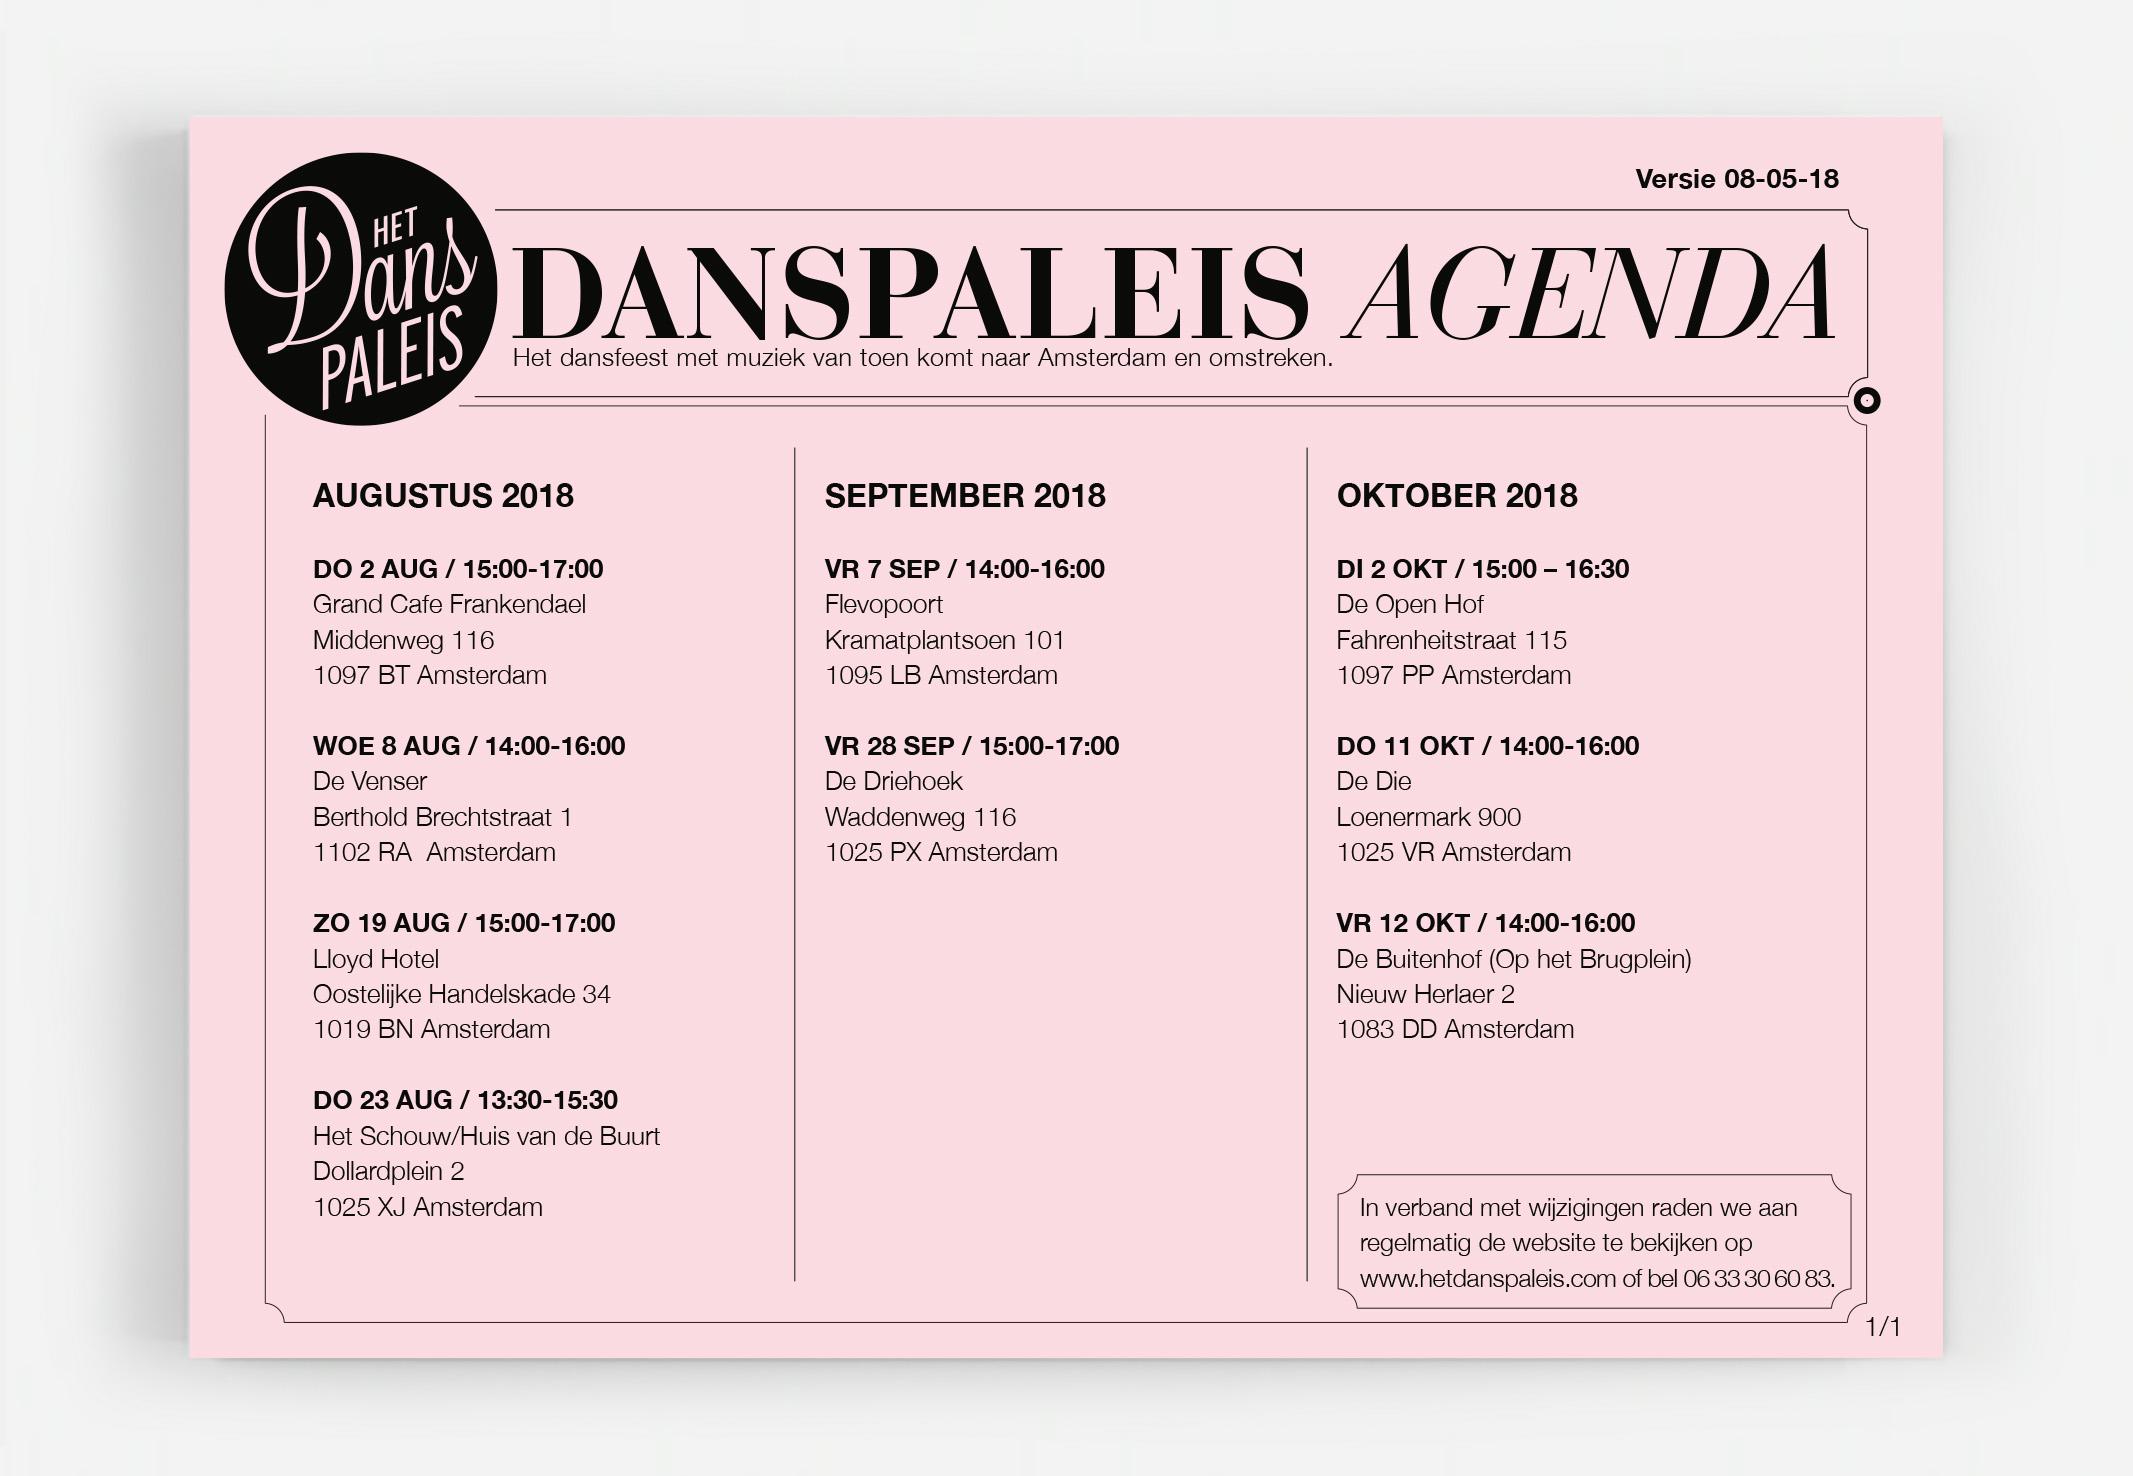 # DP agenda.jpg